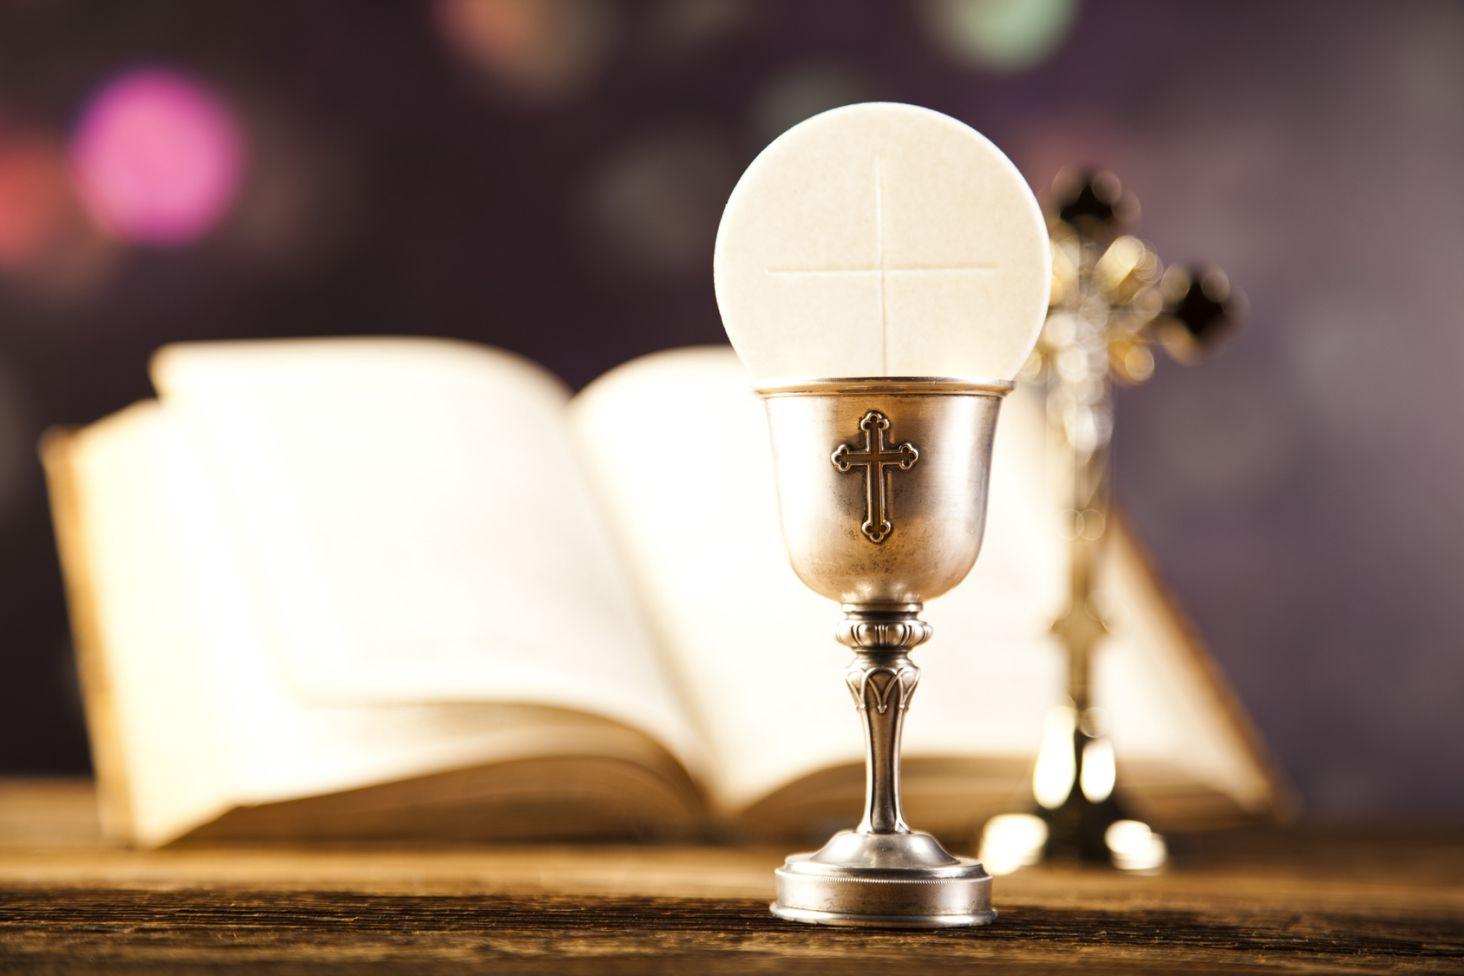 cf2d70da34ab4d O czym pamiętać przygotowując przyjęcie z okazji Pierwszej Komunii Świętej?